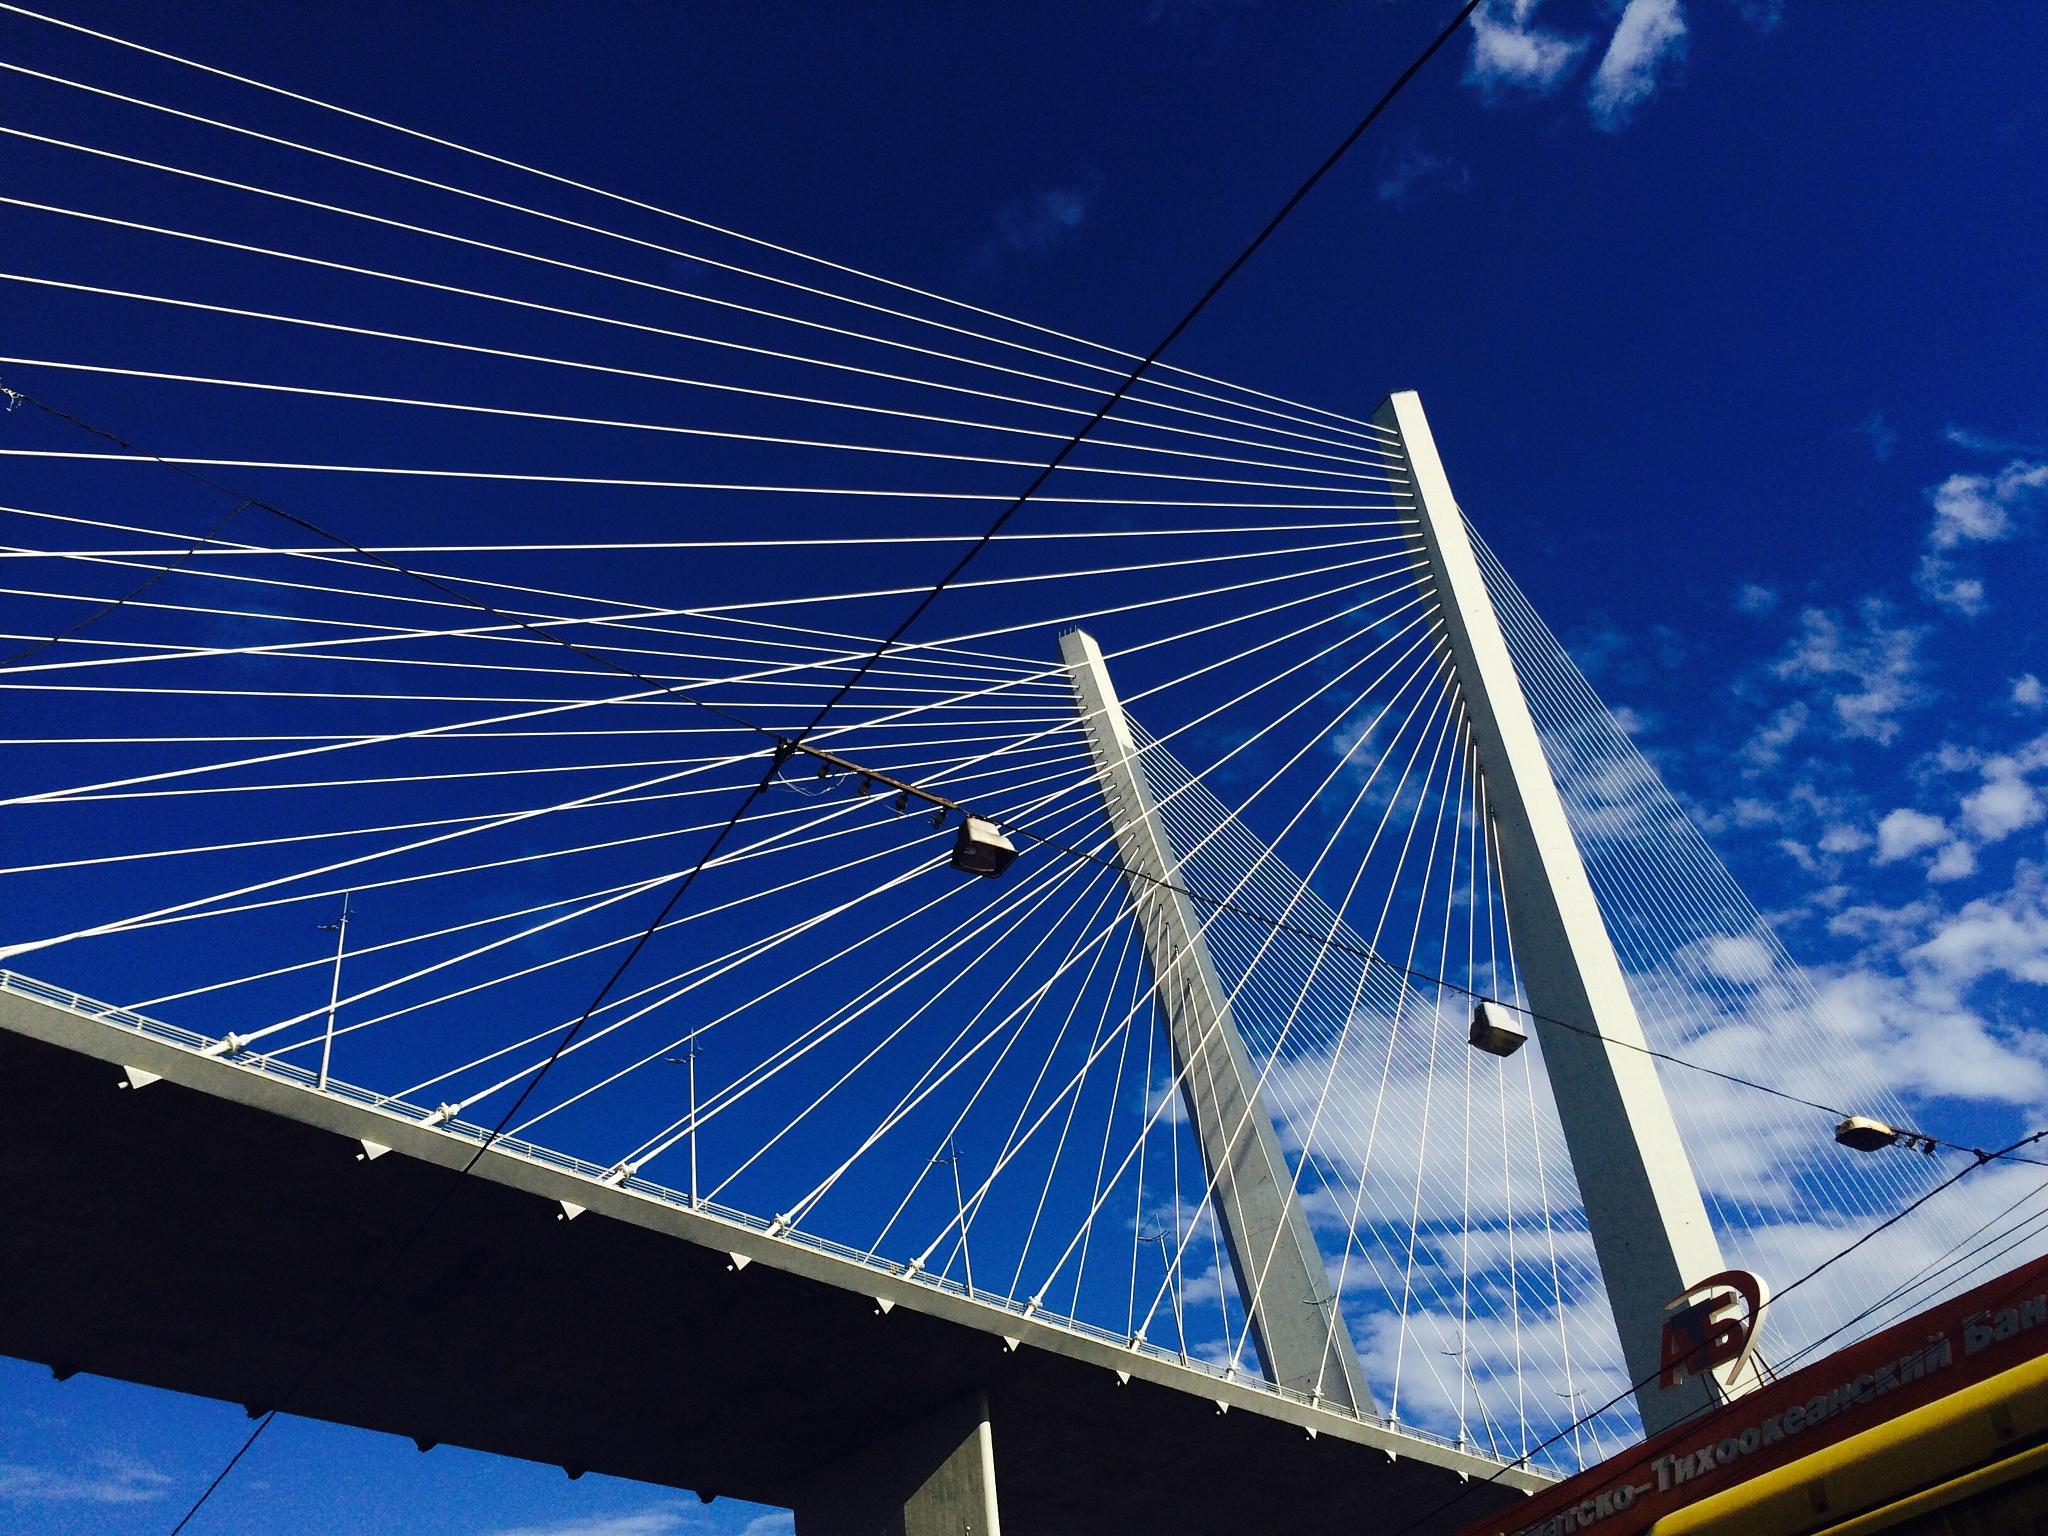 Golden bridge, Vladivostok by Martin Blum